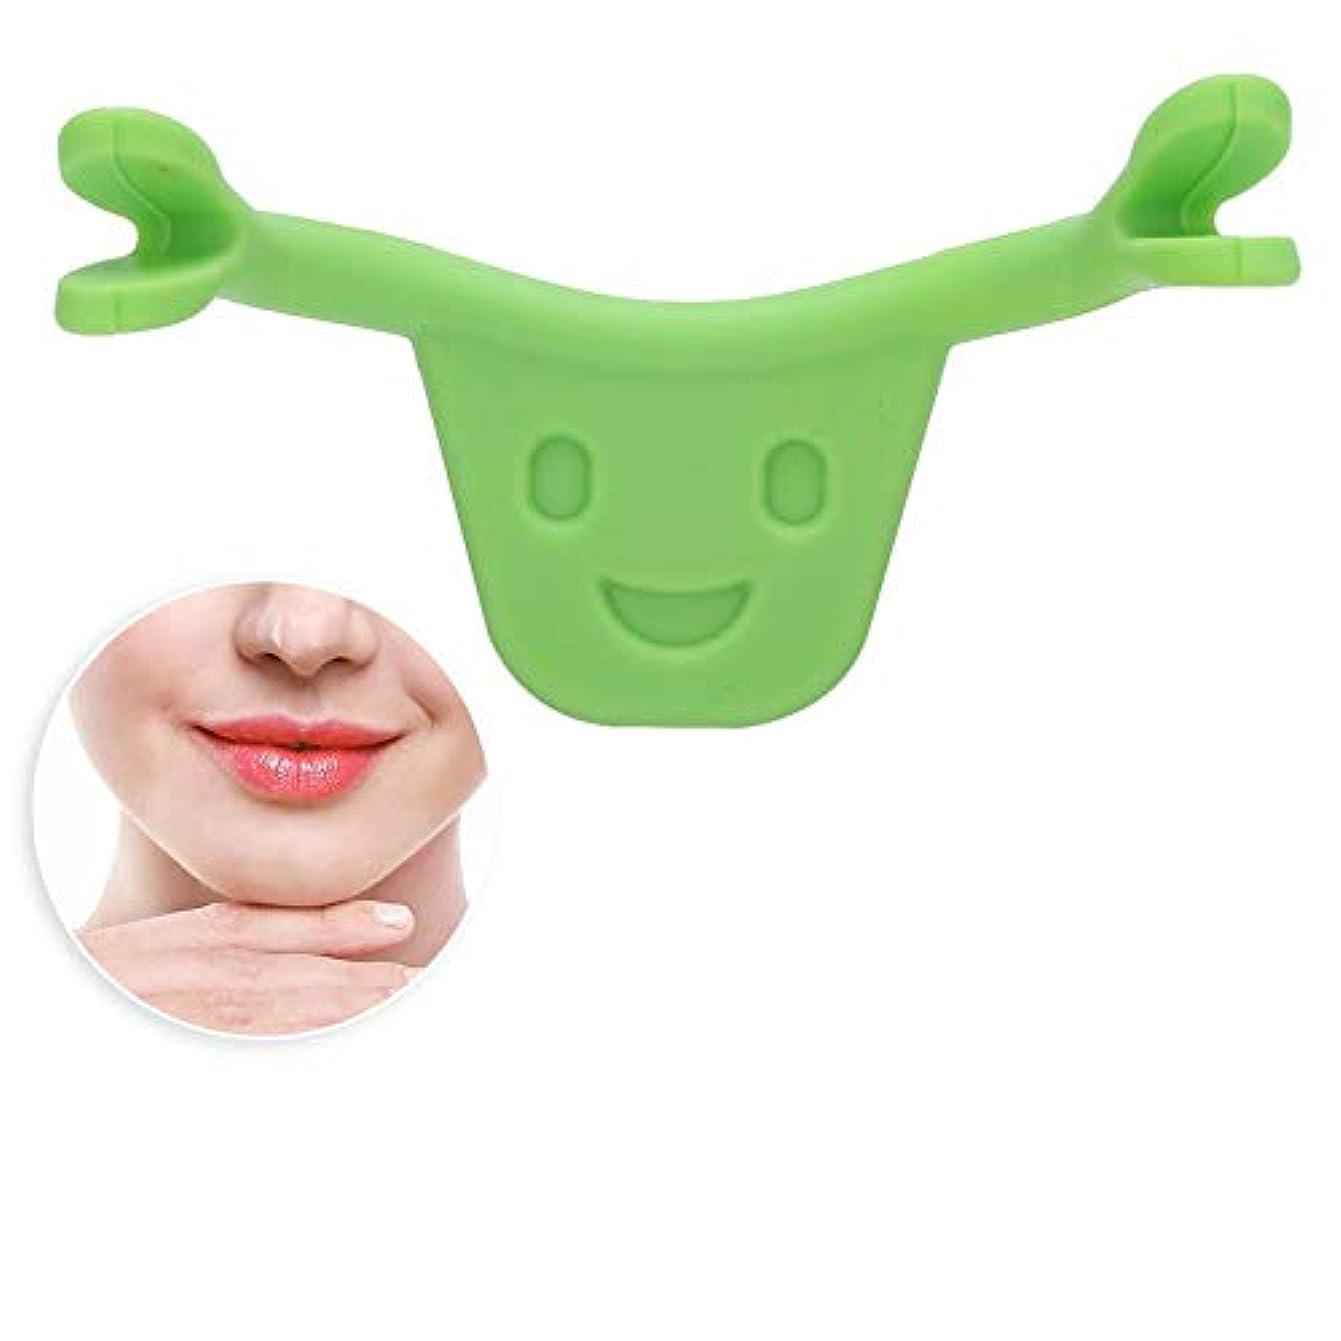 またシードスナップフェイストレーナー、笑顔メーカー2色パーソナルスマイル美容エクササイザトレーニングブレース笑顔メーカー美容ケア口の形(2#)